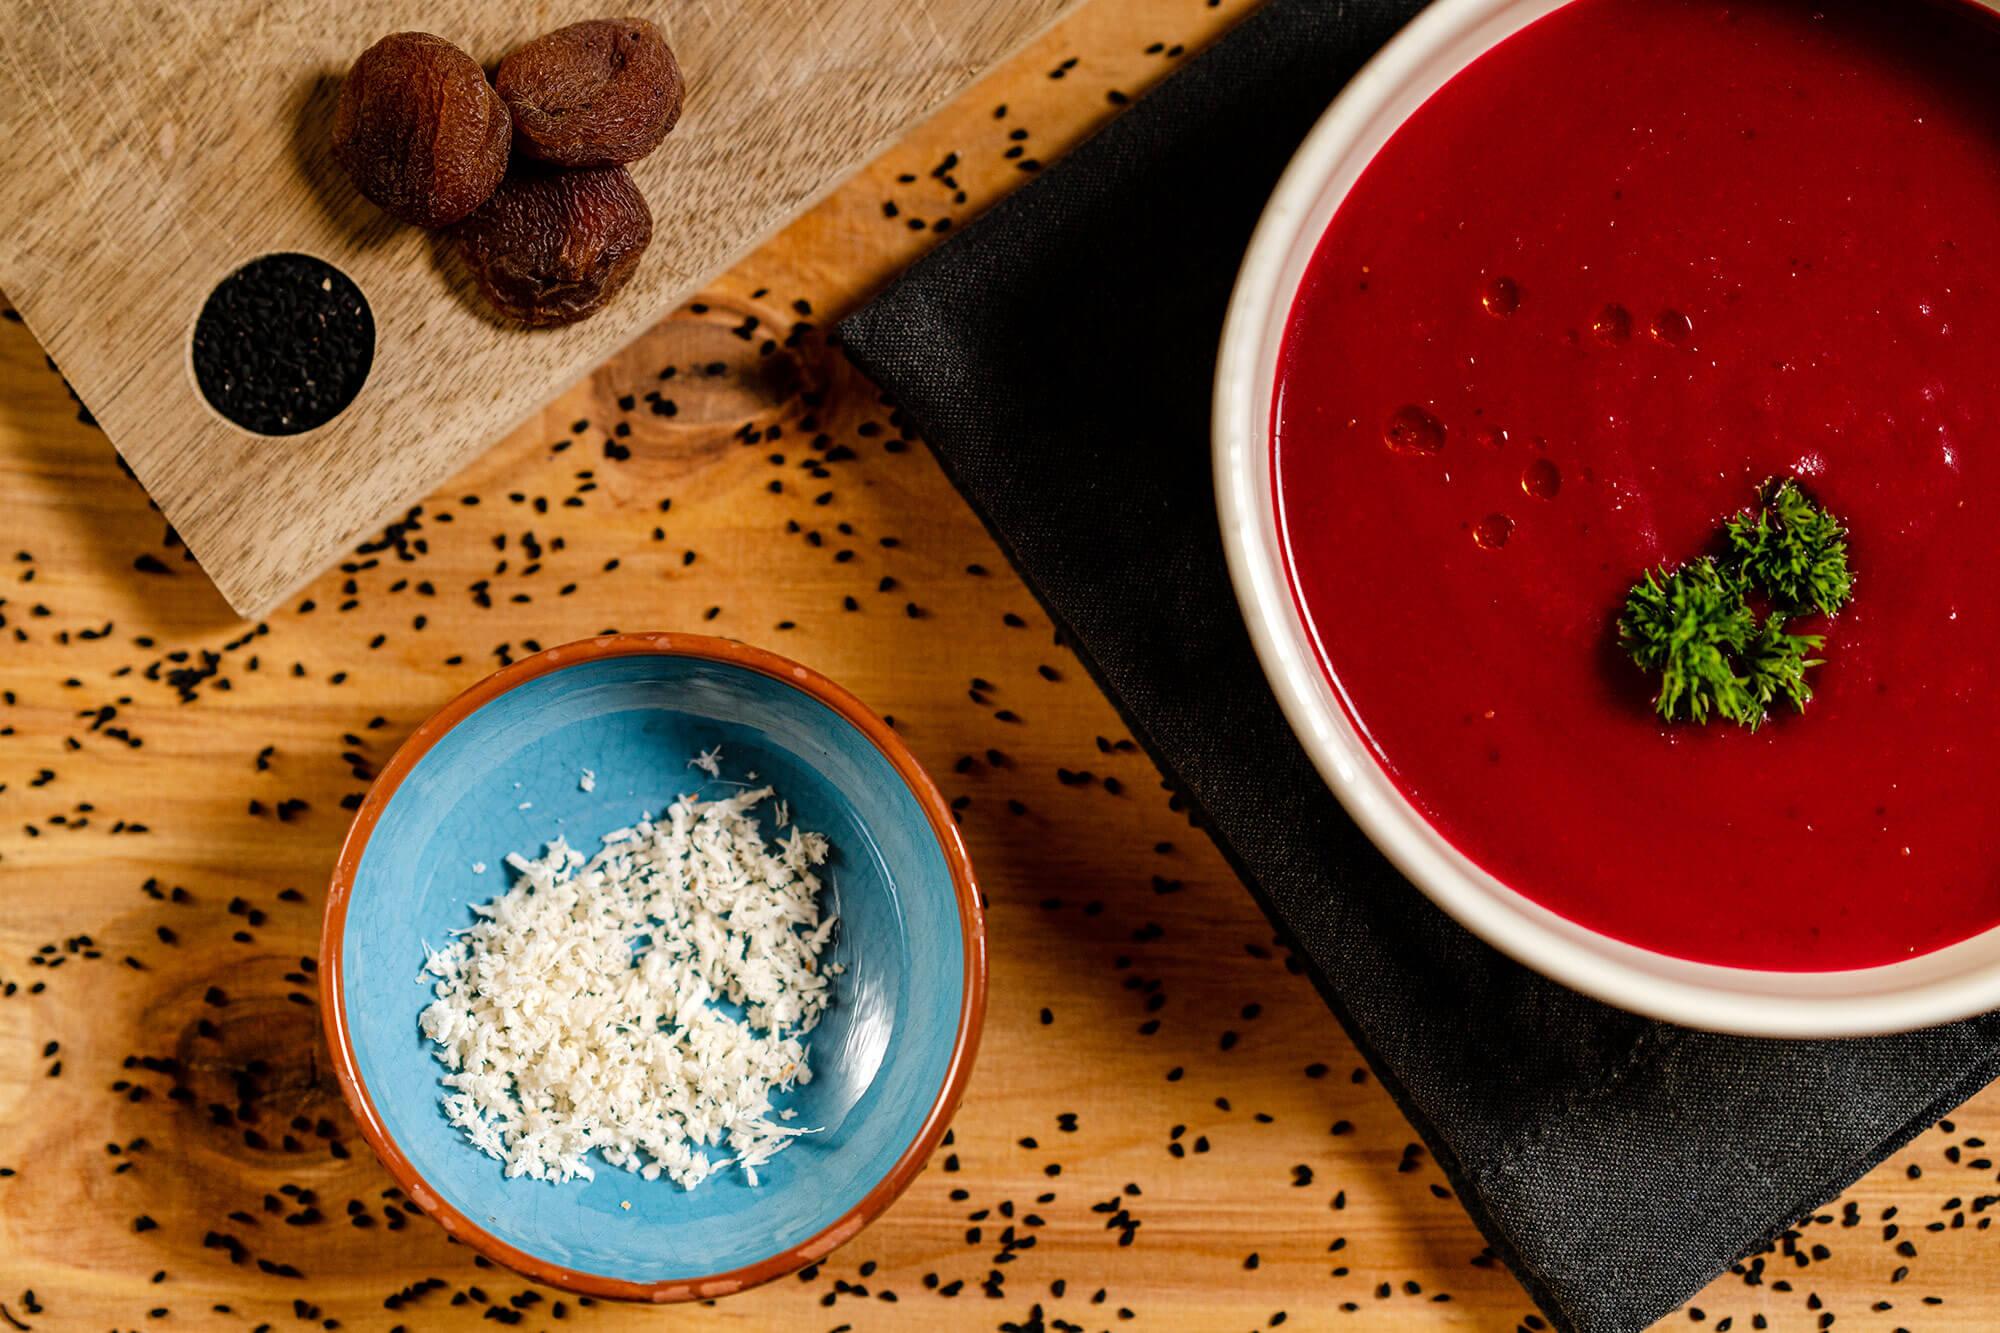 Rote Bete Suppe mit Aprikosen, Ingwer, Meerrettich und Creme Fraiche